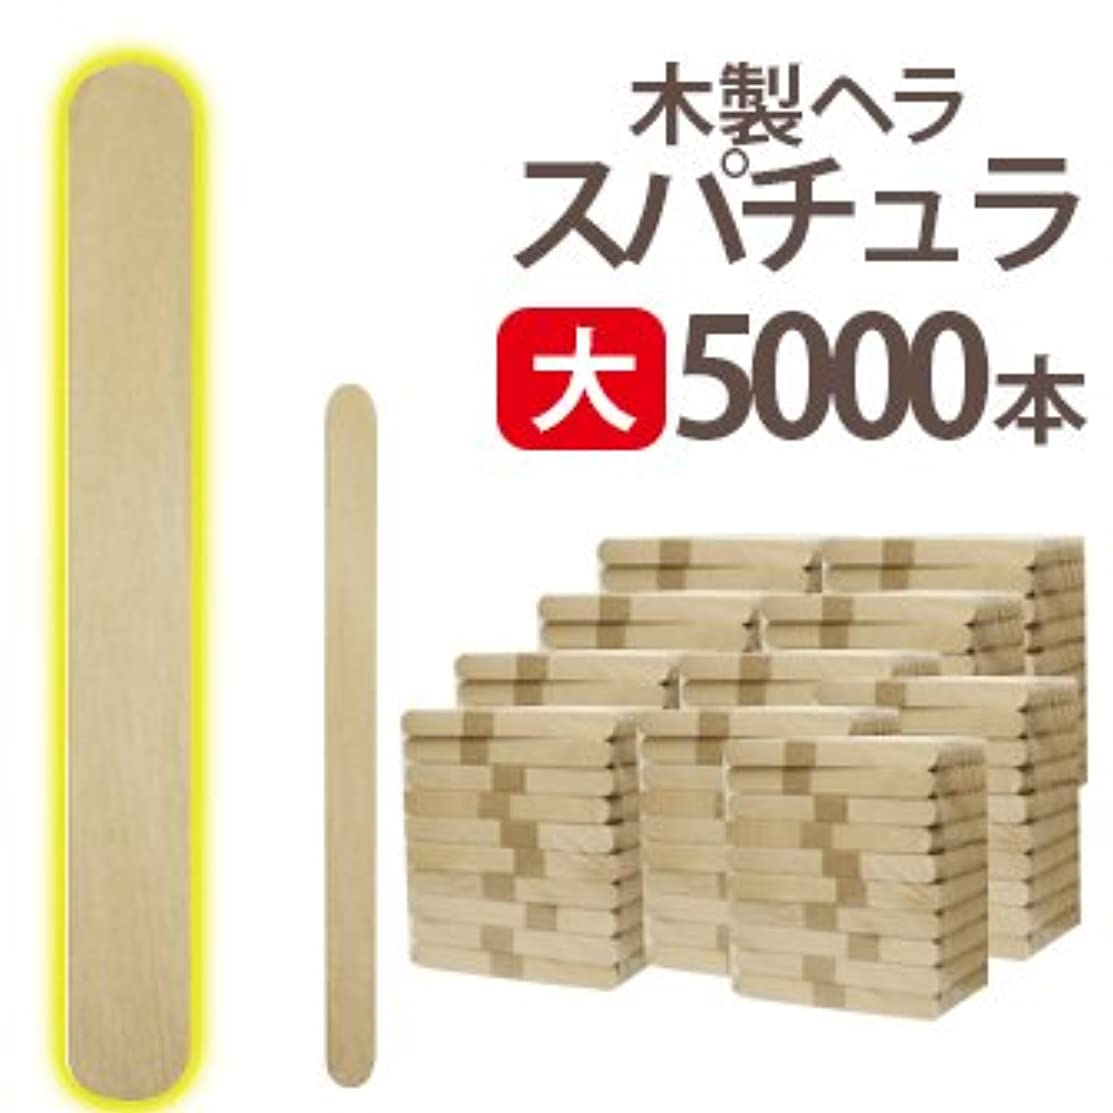 チャーター青競争大 ブラジリアンワックス 業務用5000本 スパチュラ Aタイプ(個別梱包なし 150×16)